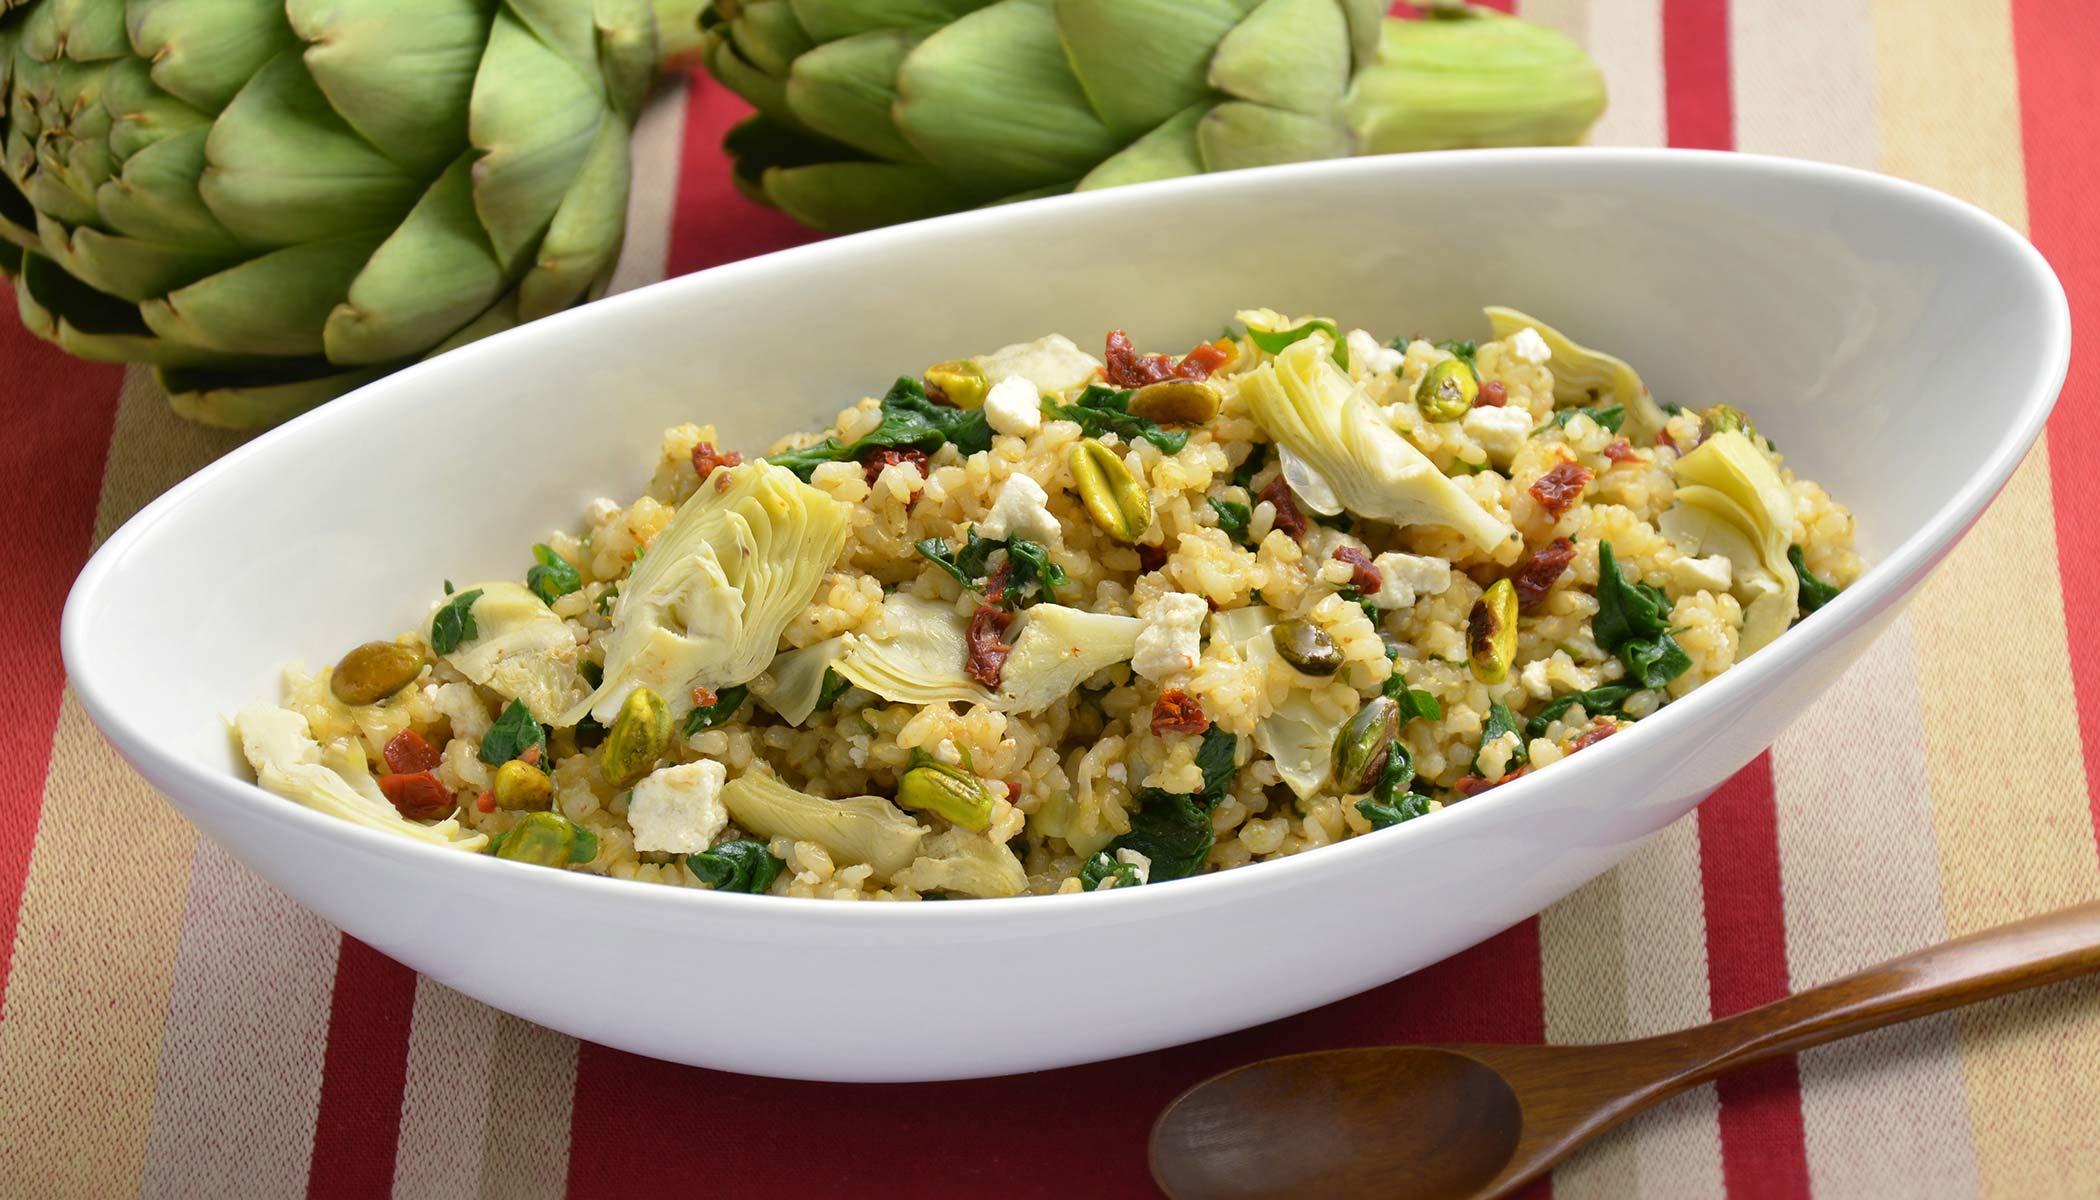 Eastern Mediterranean Vegetables and Brown Rice